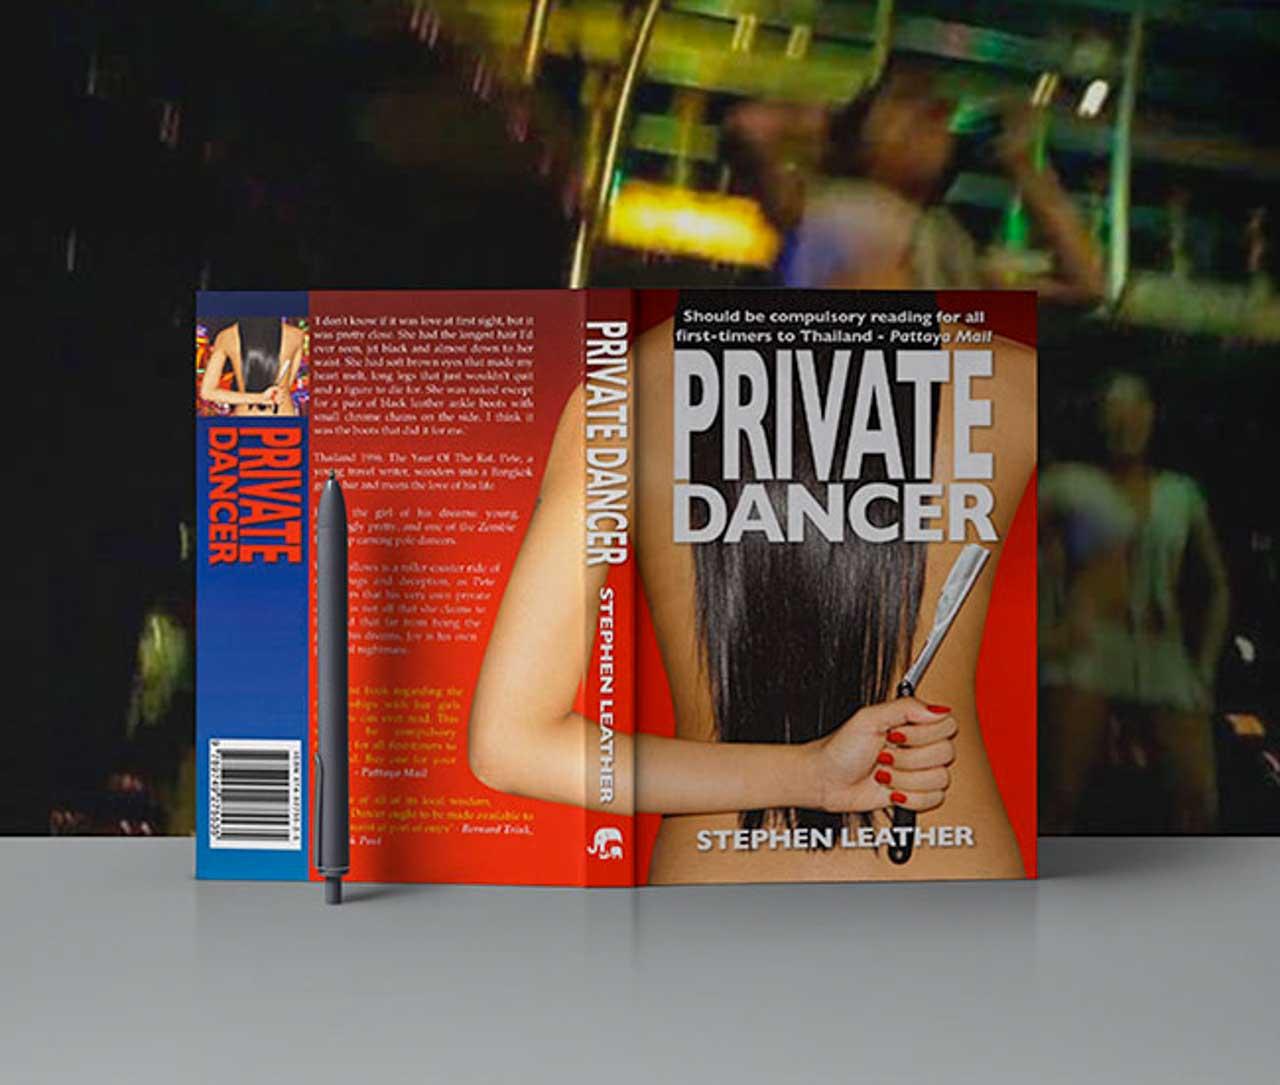 Livro sobre a prostituição na Tailândia.